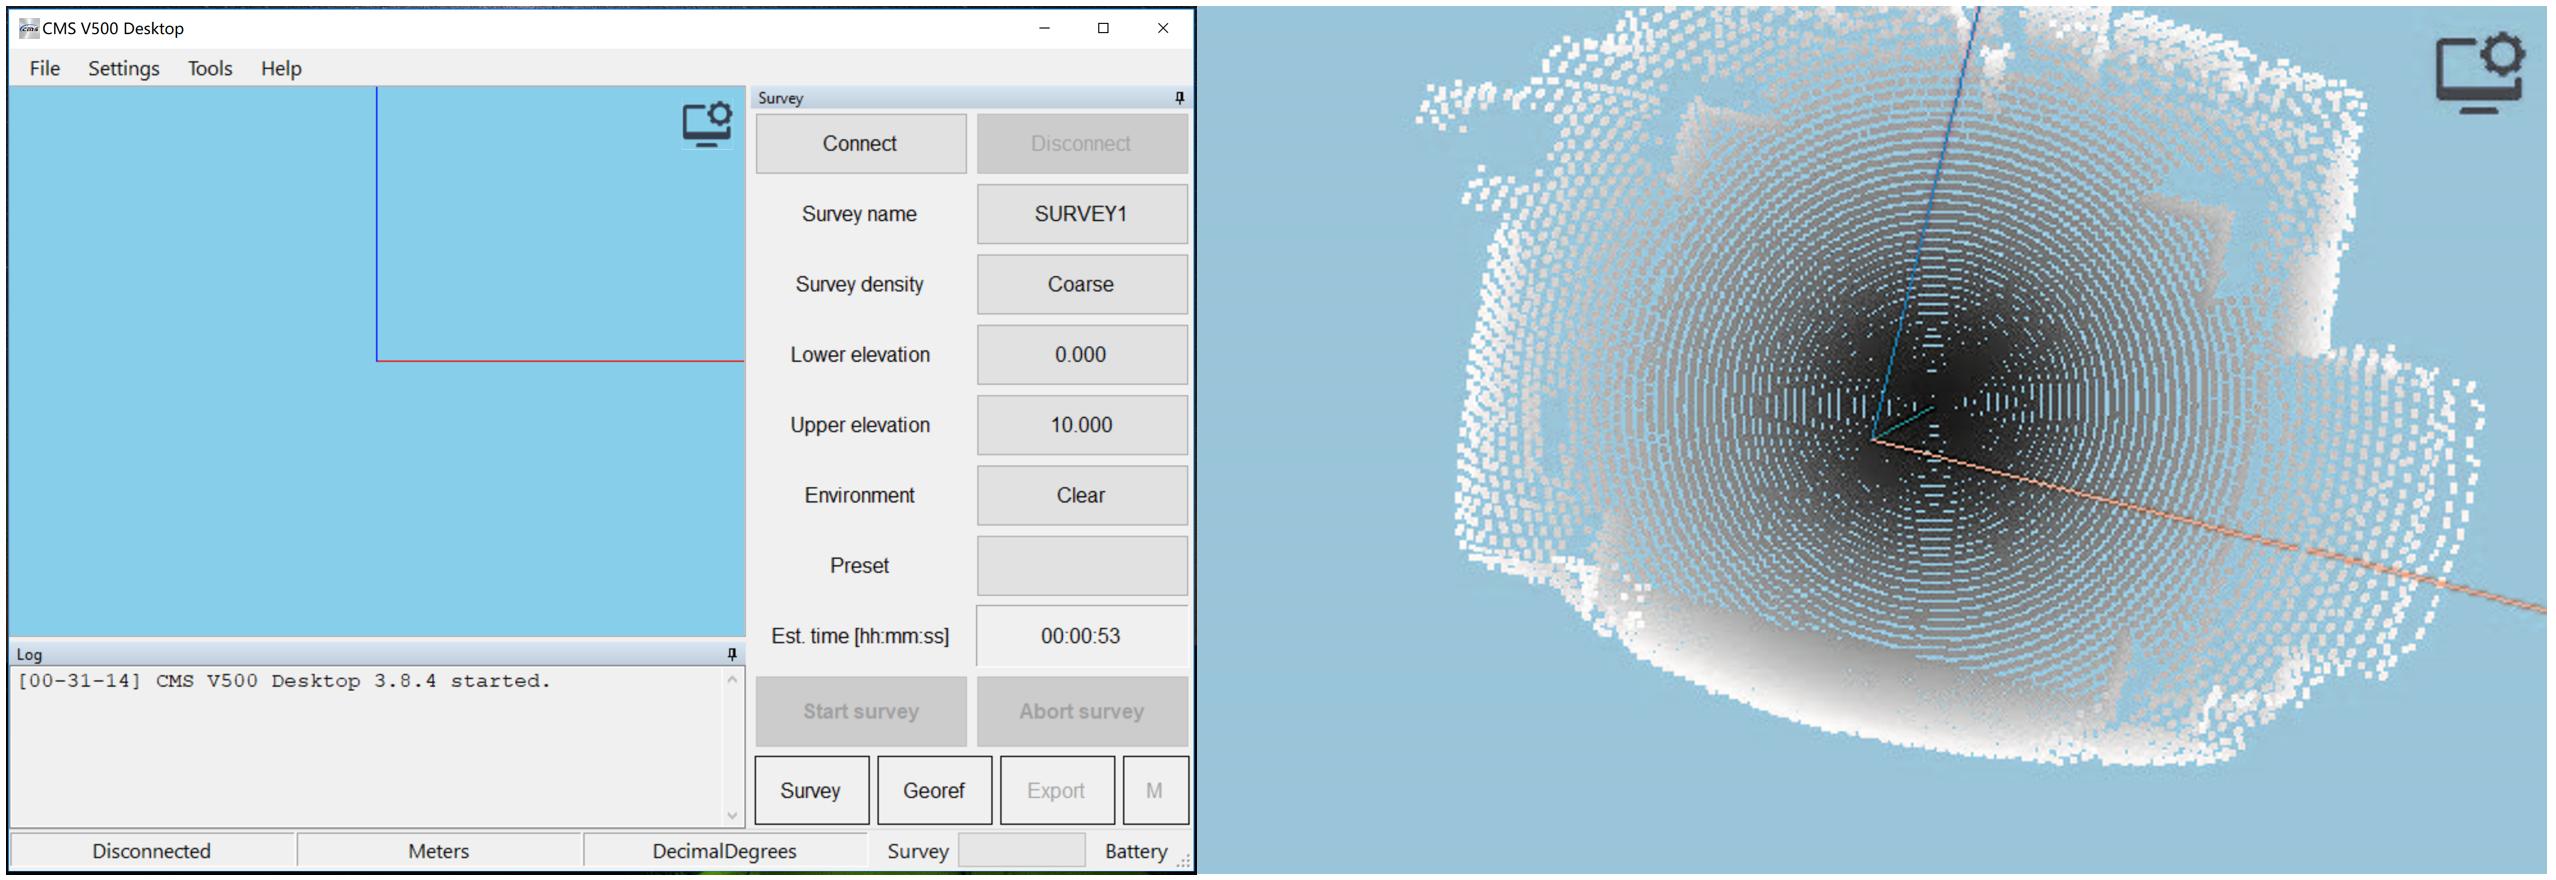 華測CMS空區三維掃描系統應用于采空區的勘測,CMS空區三維掃描系統的軟件界面展示圖